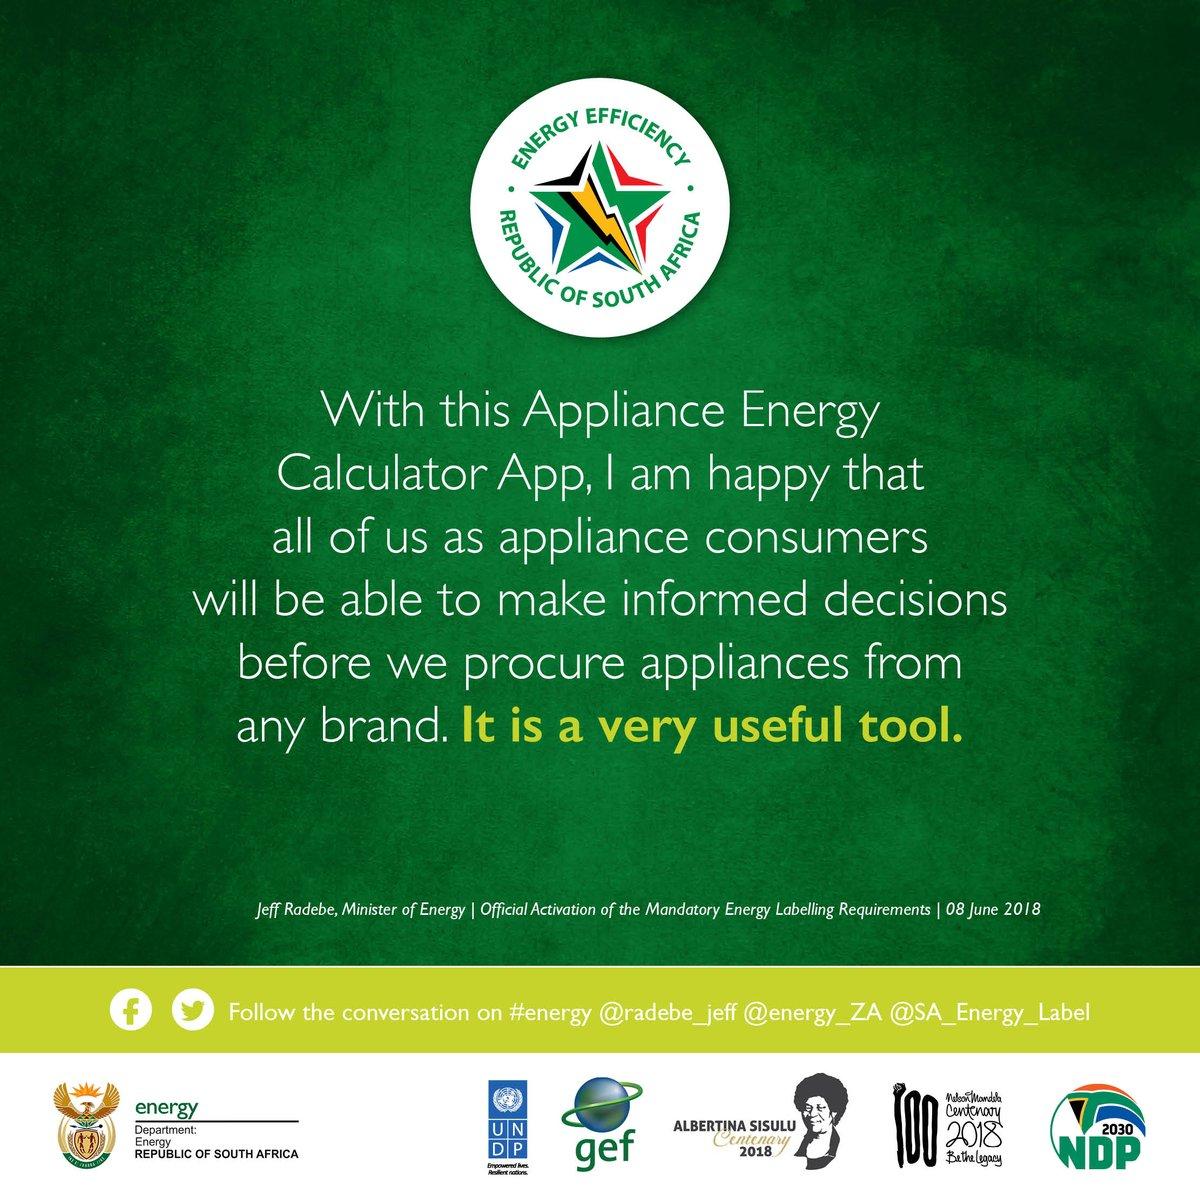 Appliance energy calculator youtube.